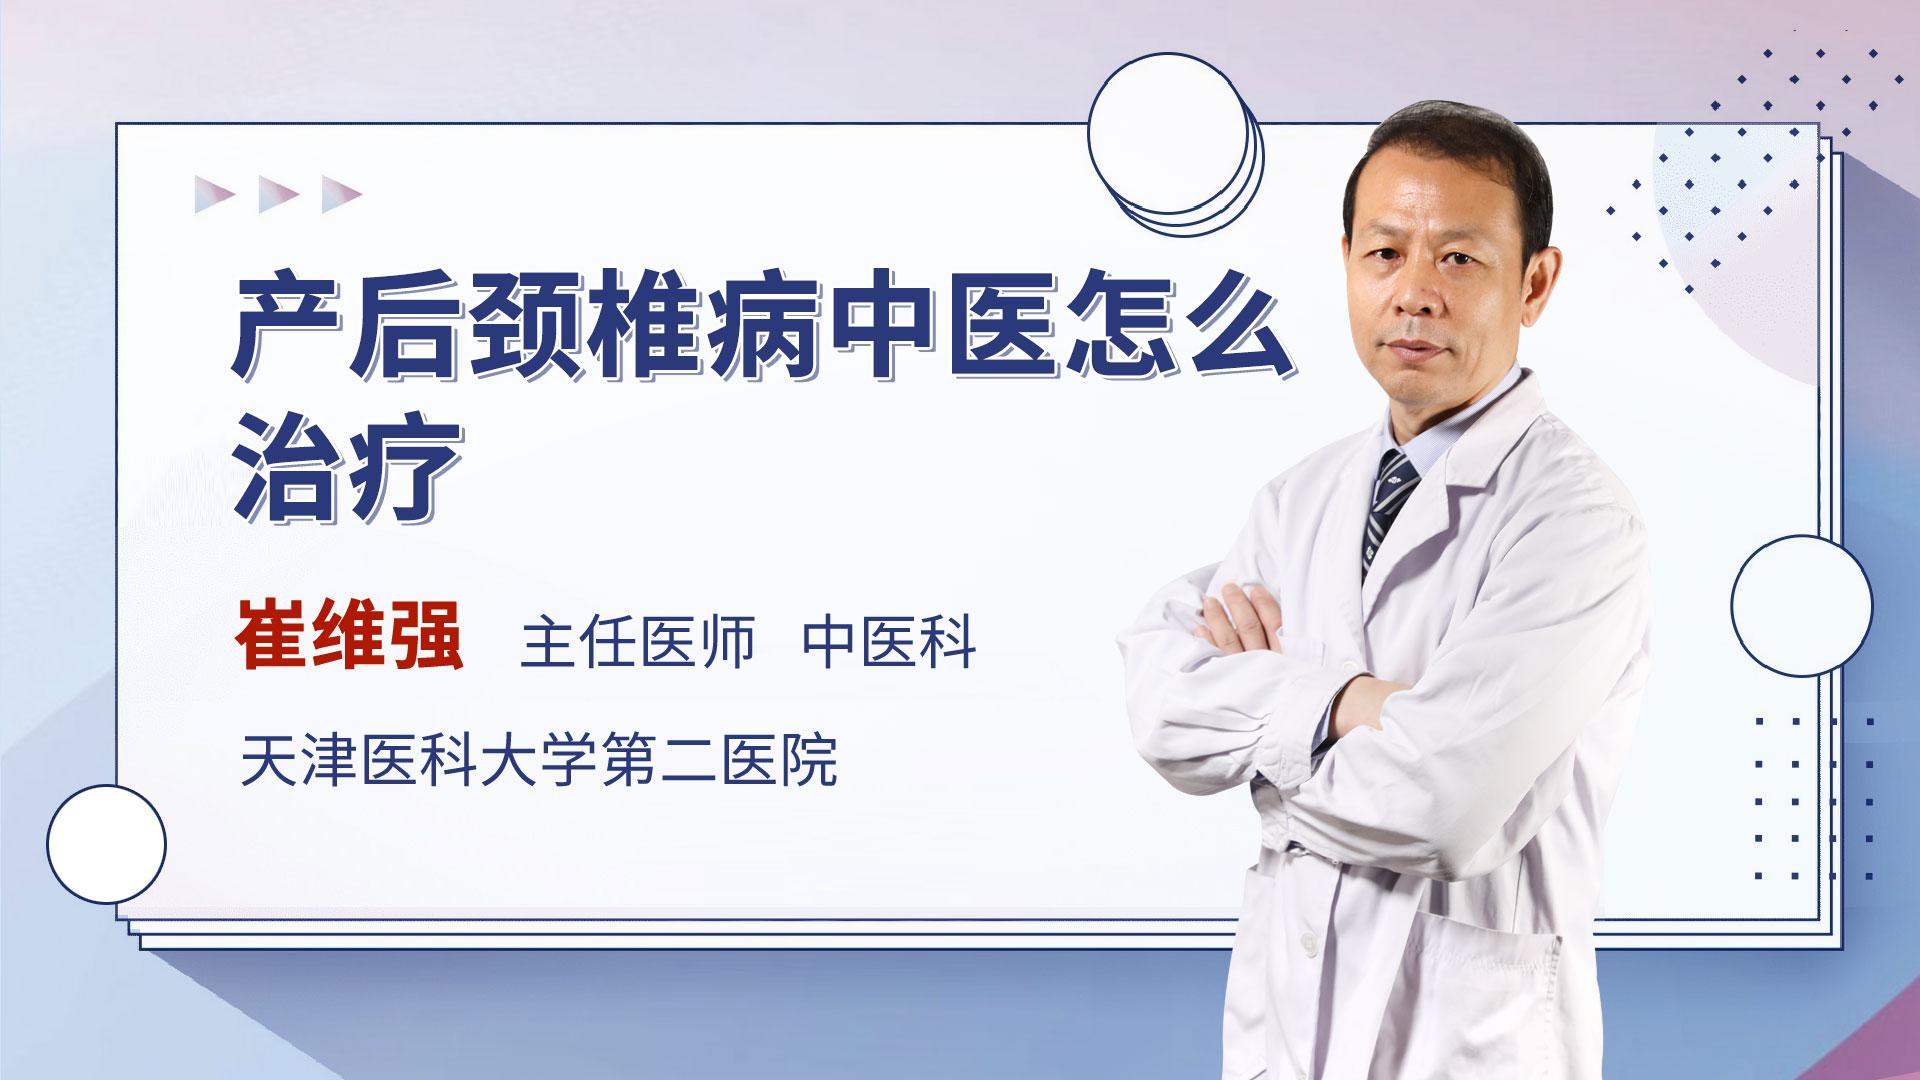 产后颈椎病中医怎么治疗